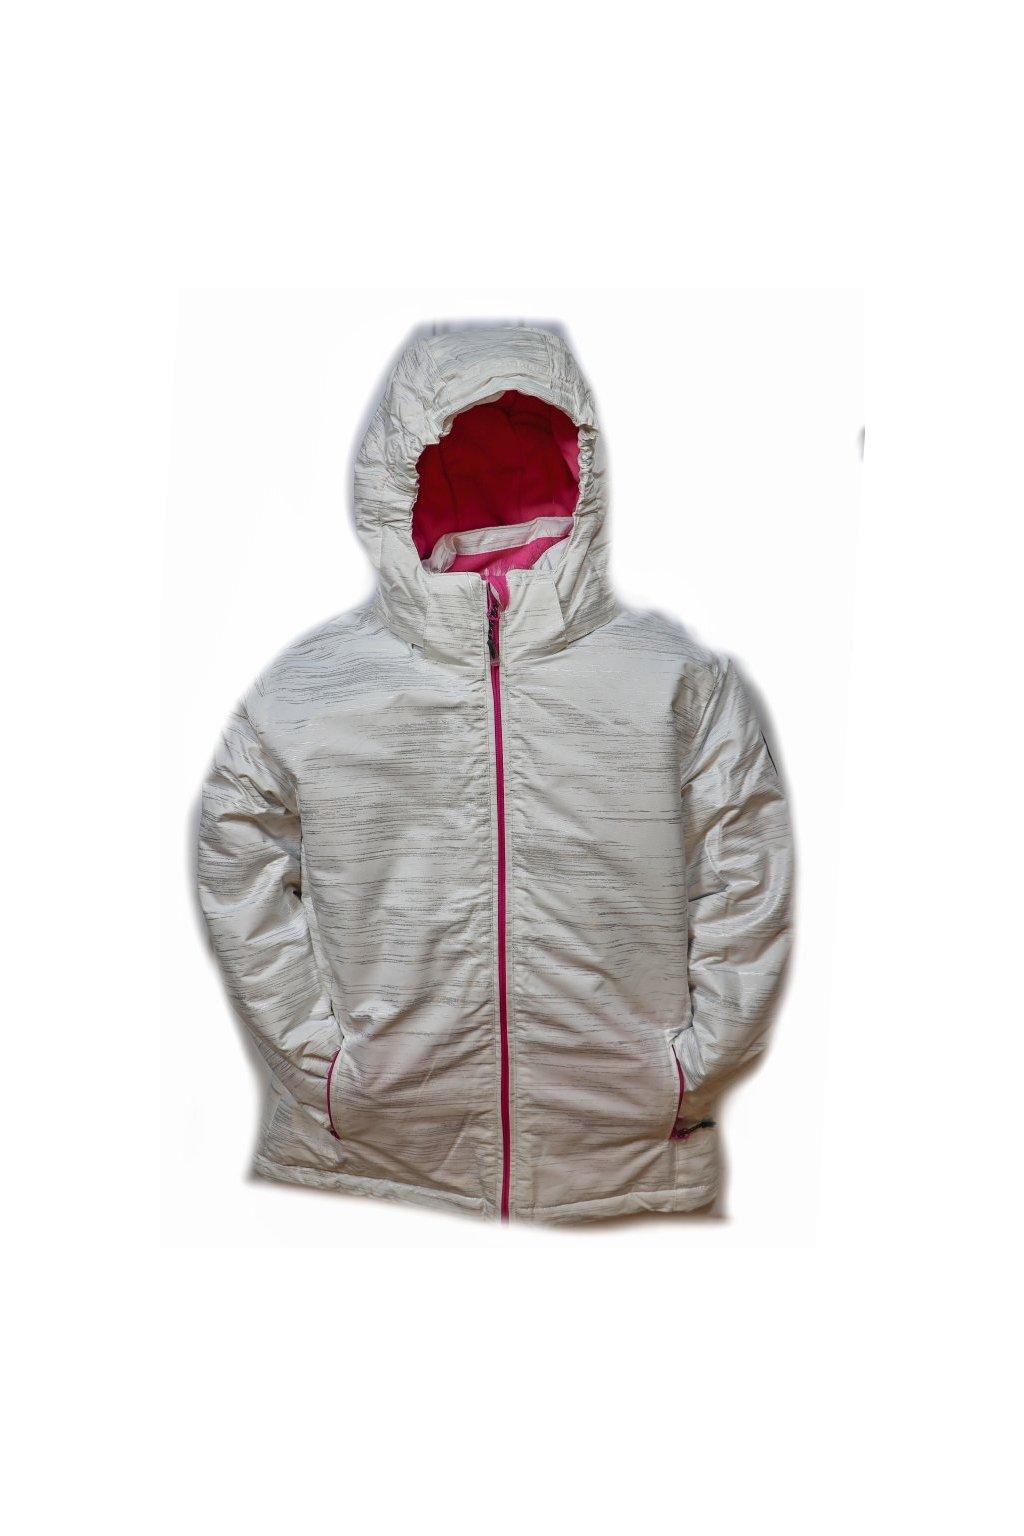 Dětská zimní bunda volného střihu HA04-M2 bílá vel. 134-164 cm